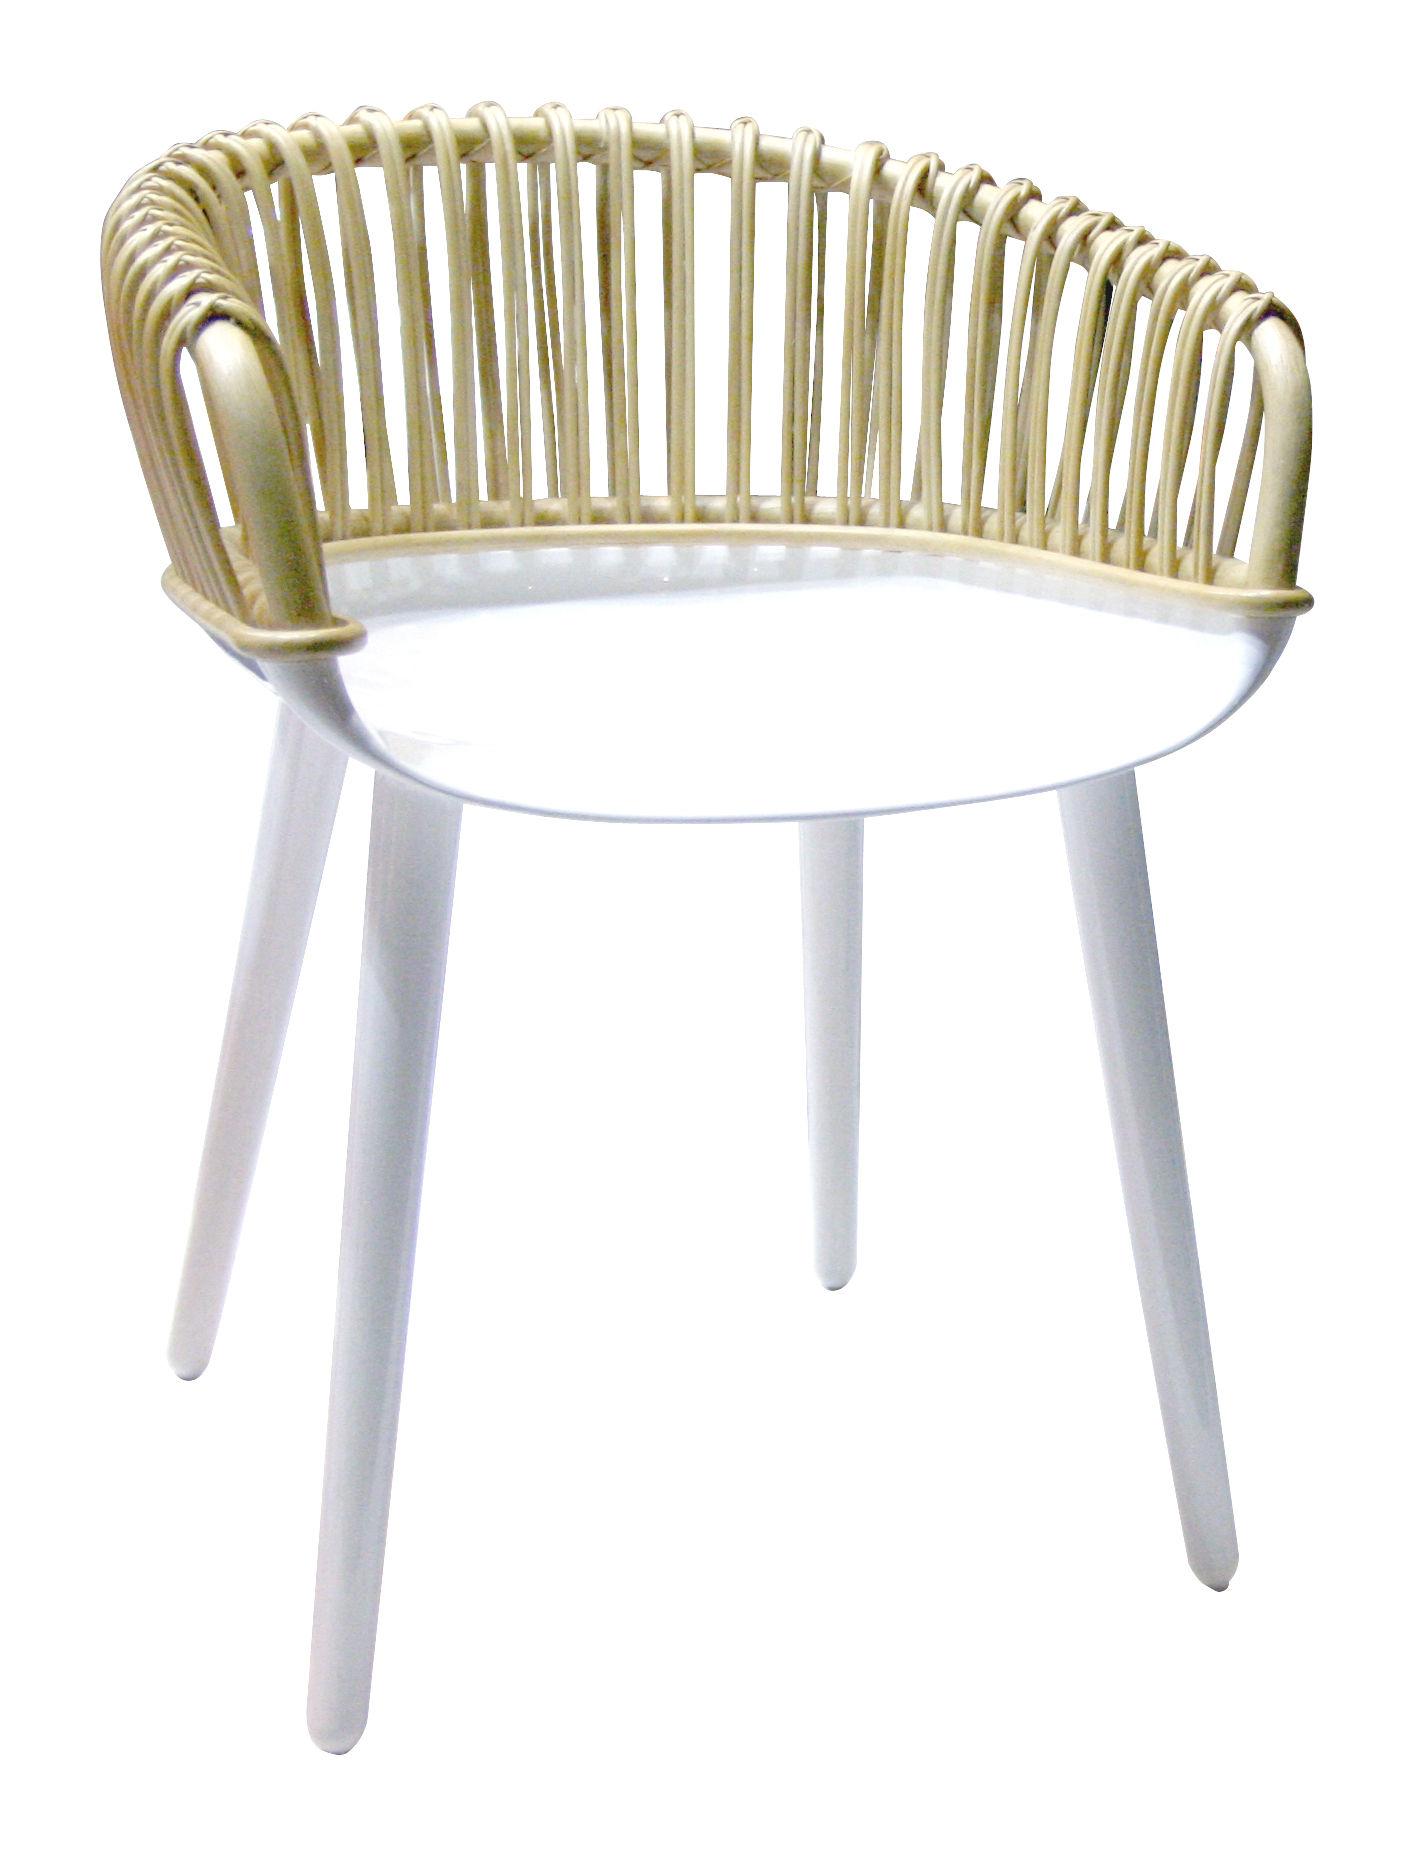 Mobilier - Chaises, fauteuils de salle à manger - Fauteuil Cyborg / Polycarbonate & dossier osier - Magis - Dossier osier naturel / Piètement et assise blanc brillant - Osier, Polycarbonate